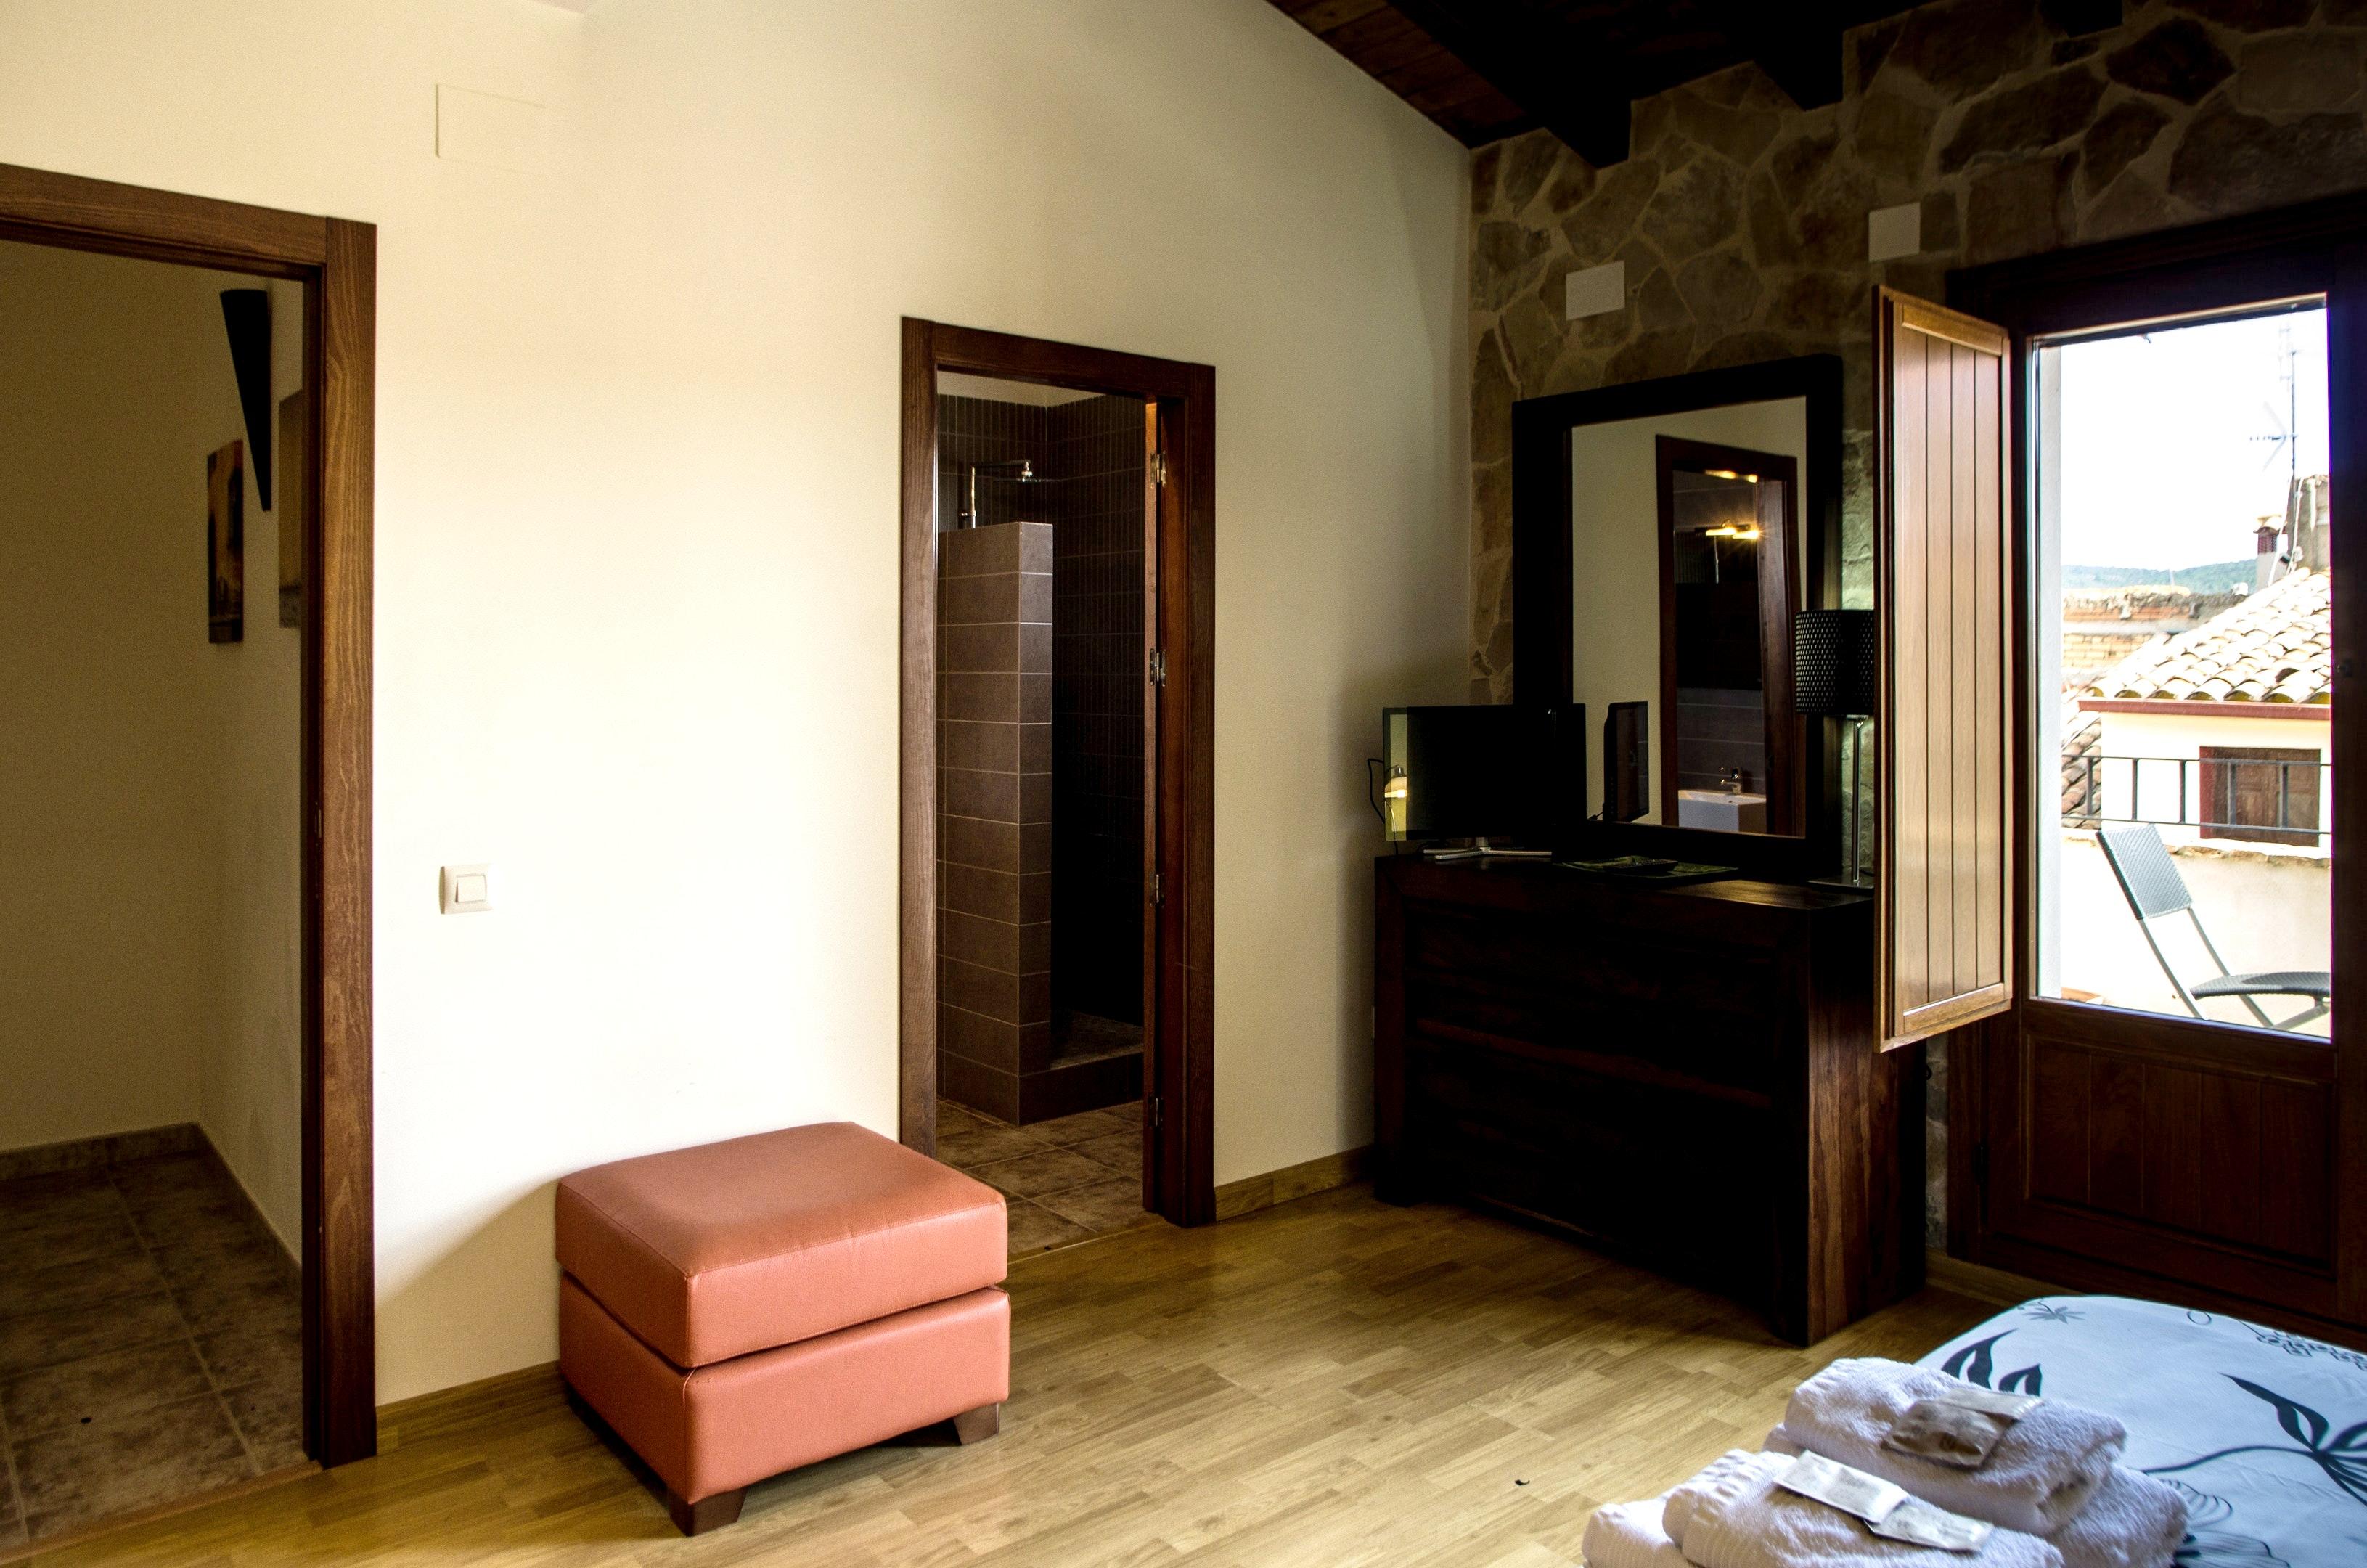 Ferienhaus Haus mit 3 Schlafzimmern in Talayuelas mit toller Aussicht auf die Berge, möblierter Terra (2202603), Talayuelas, Cuenca, Kastilien-La Mancha, Spanien, Bild 12